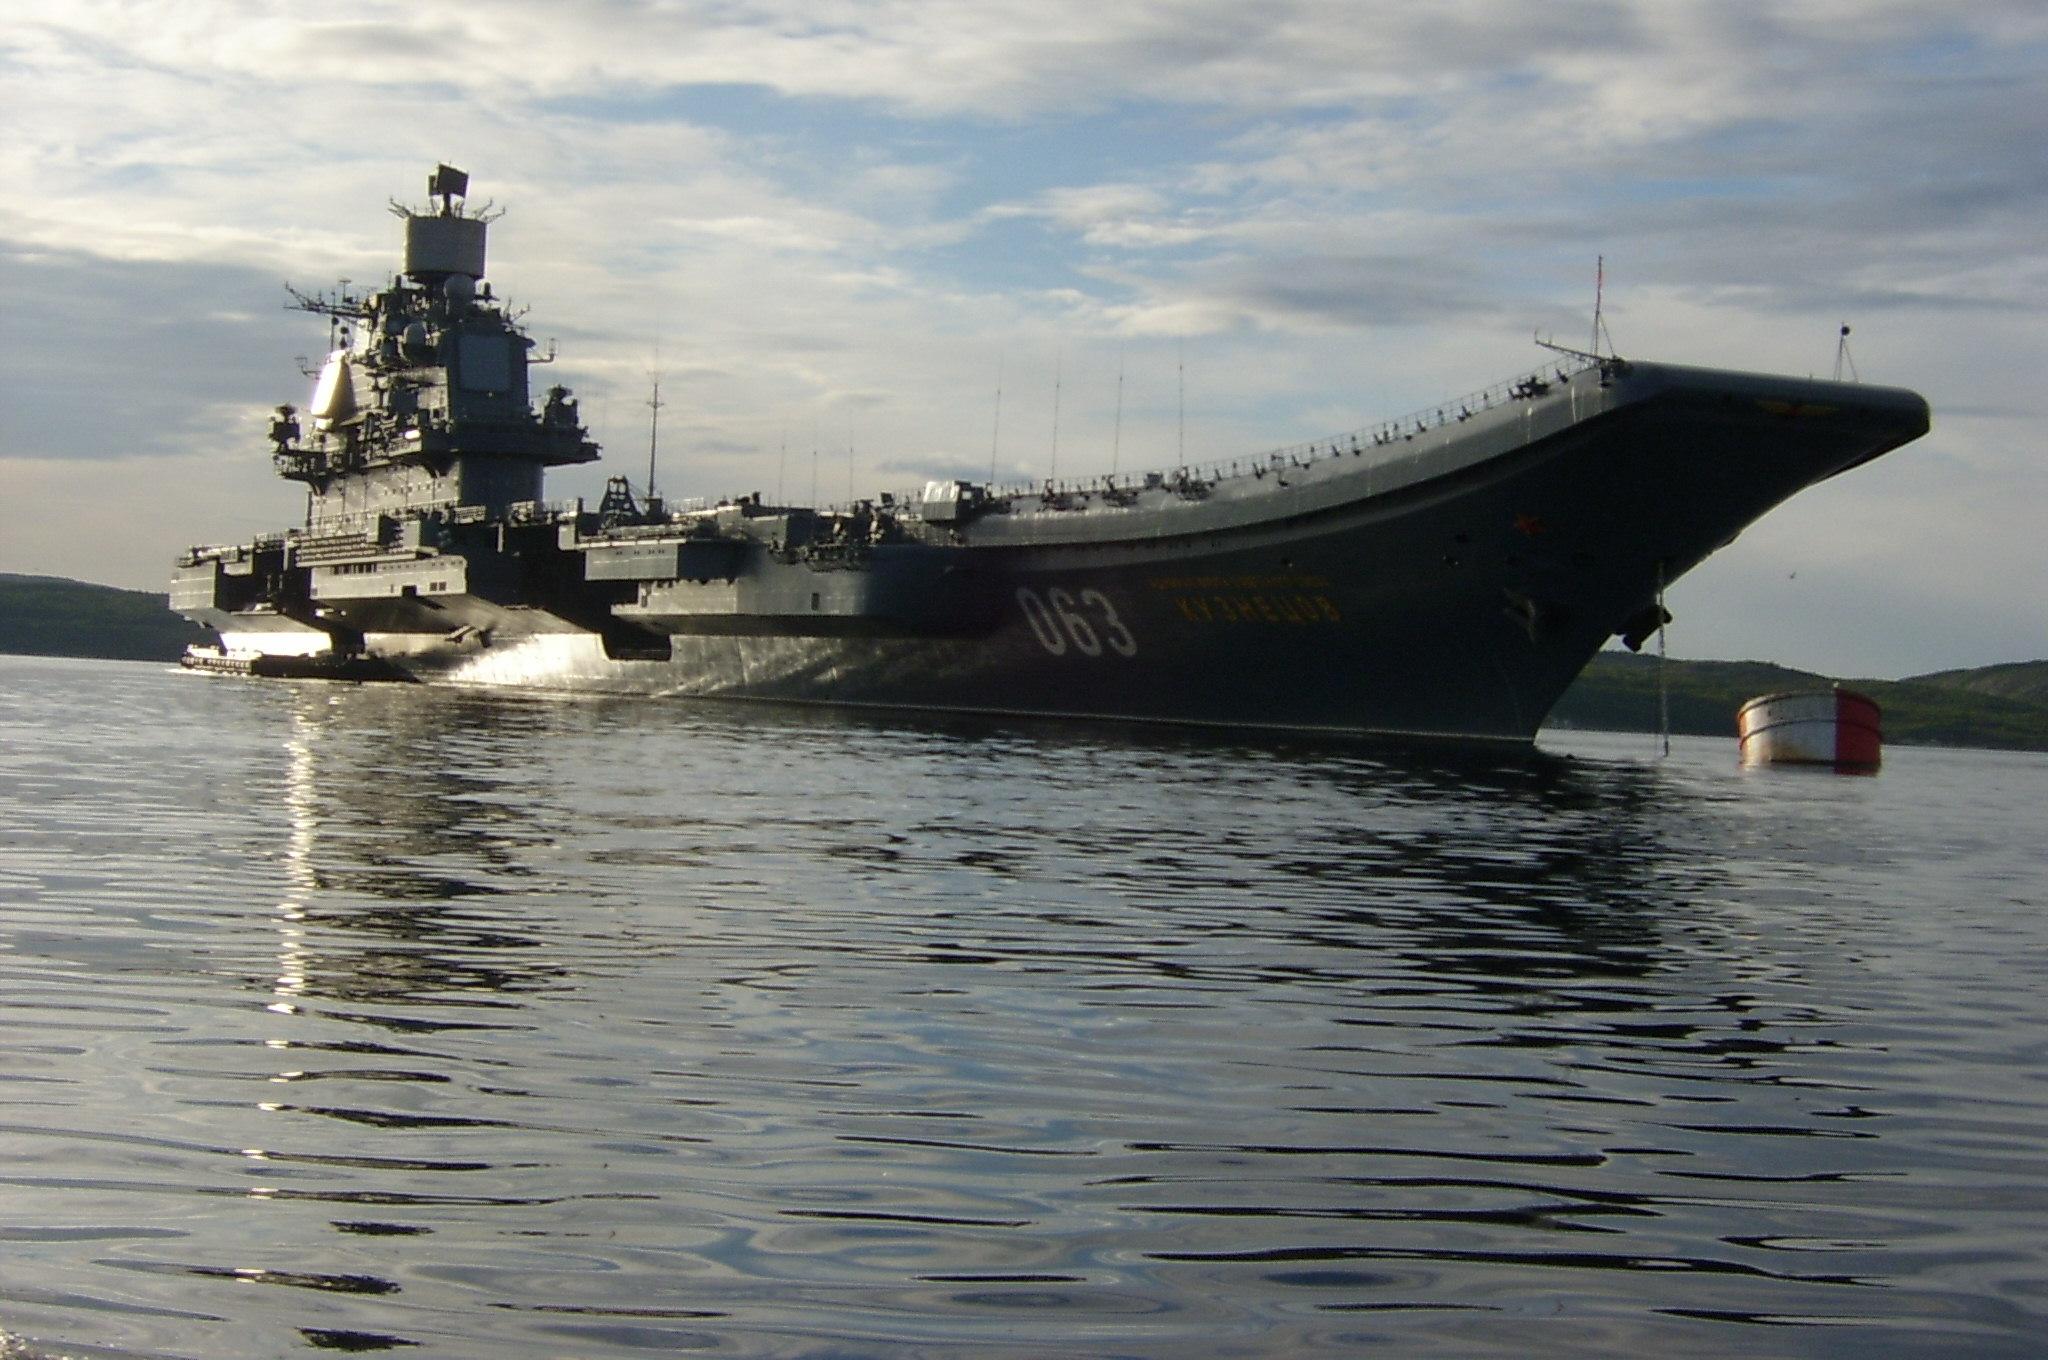 фото адмирала кузнецова авианосец